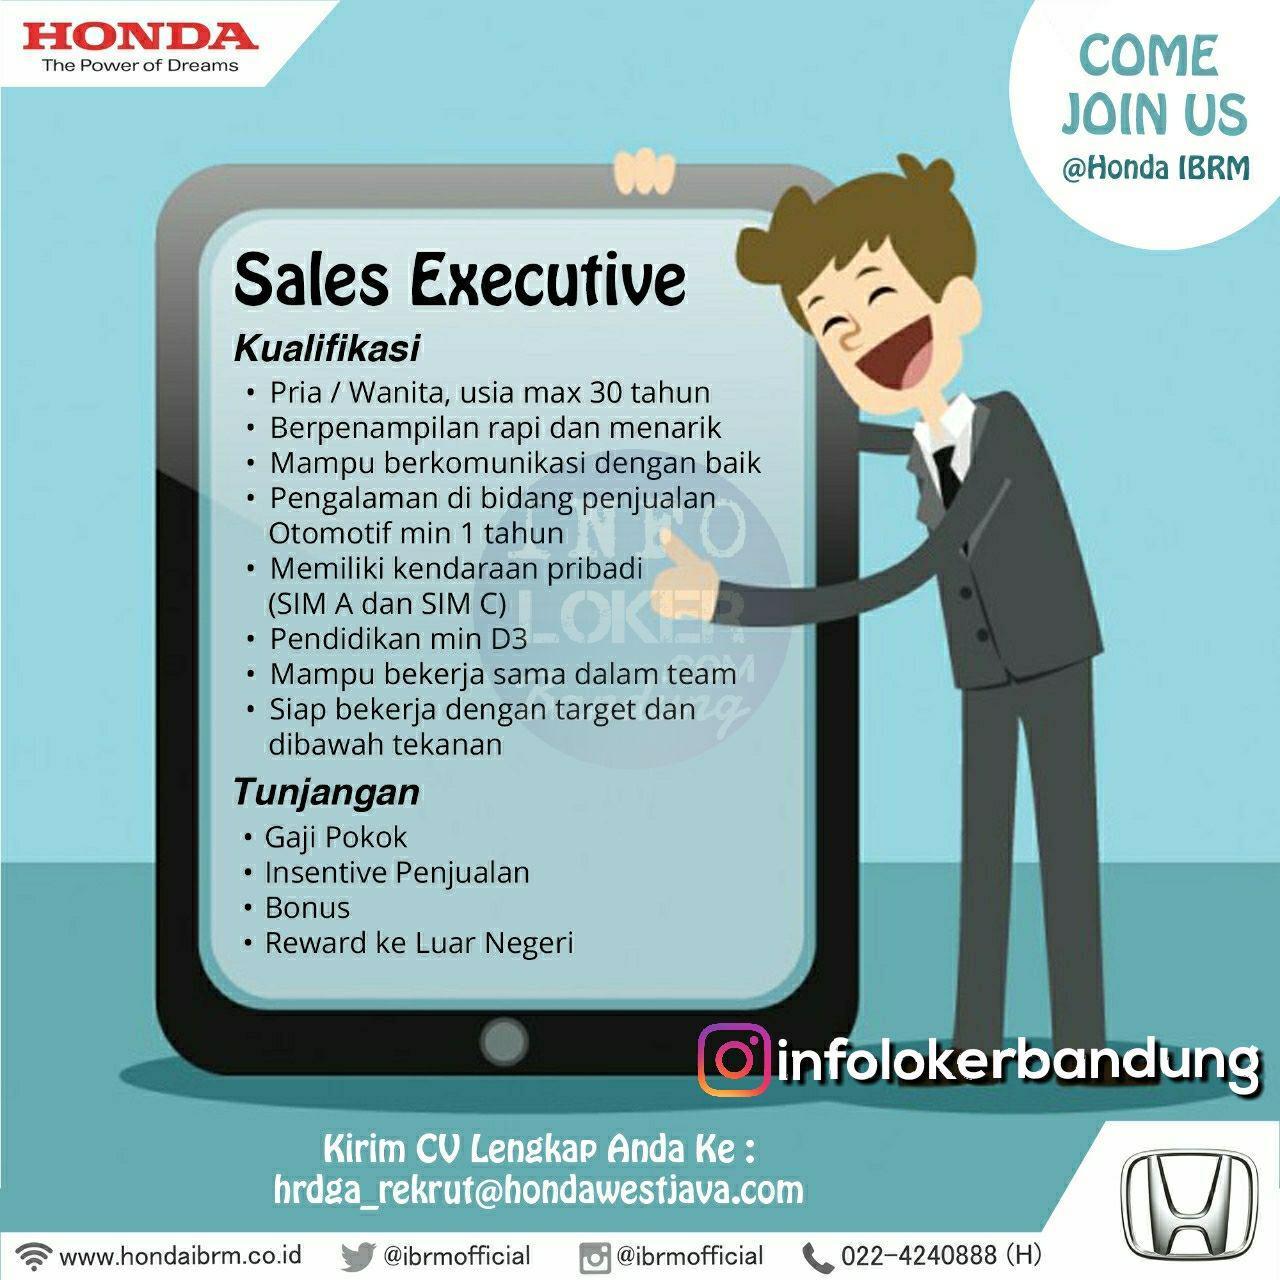 Lowongan Kerja Sales Executive Honda IBRM Bandung Juli 2018